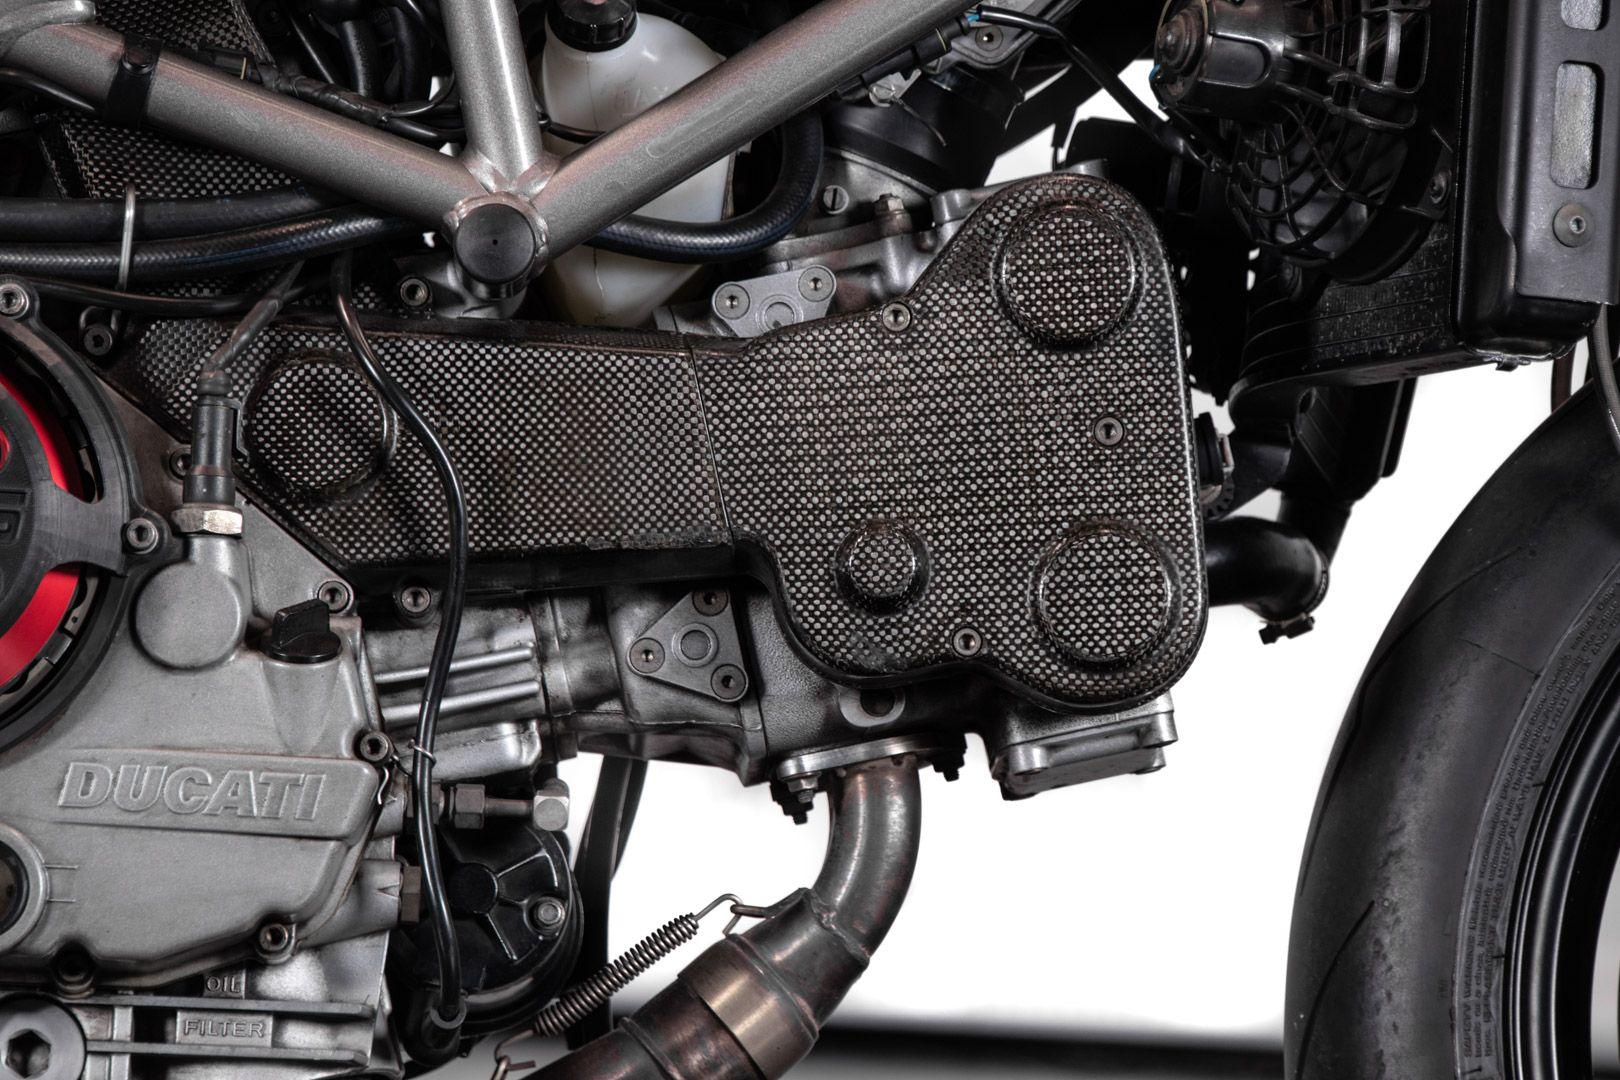 2001 Ducati Monster S4 916 83347